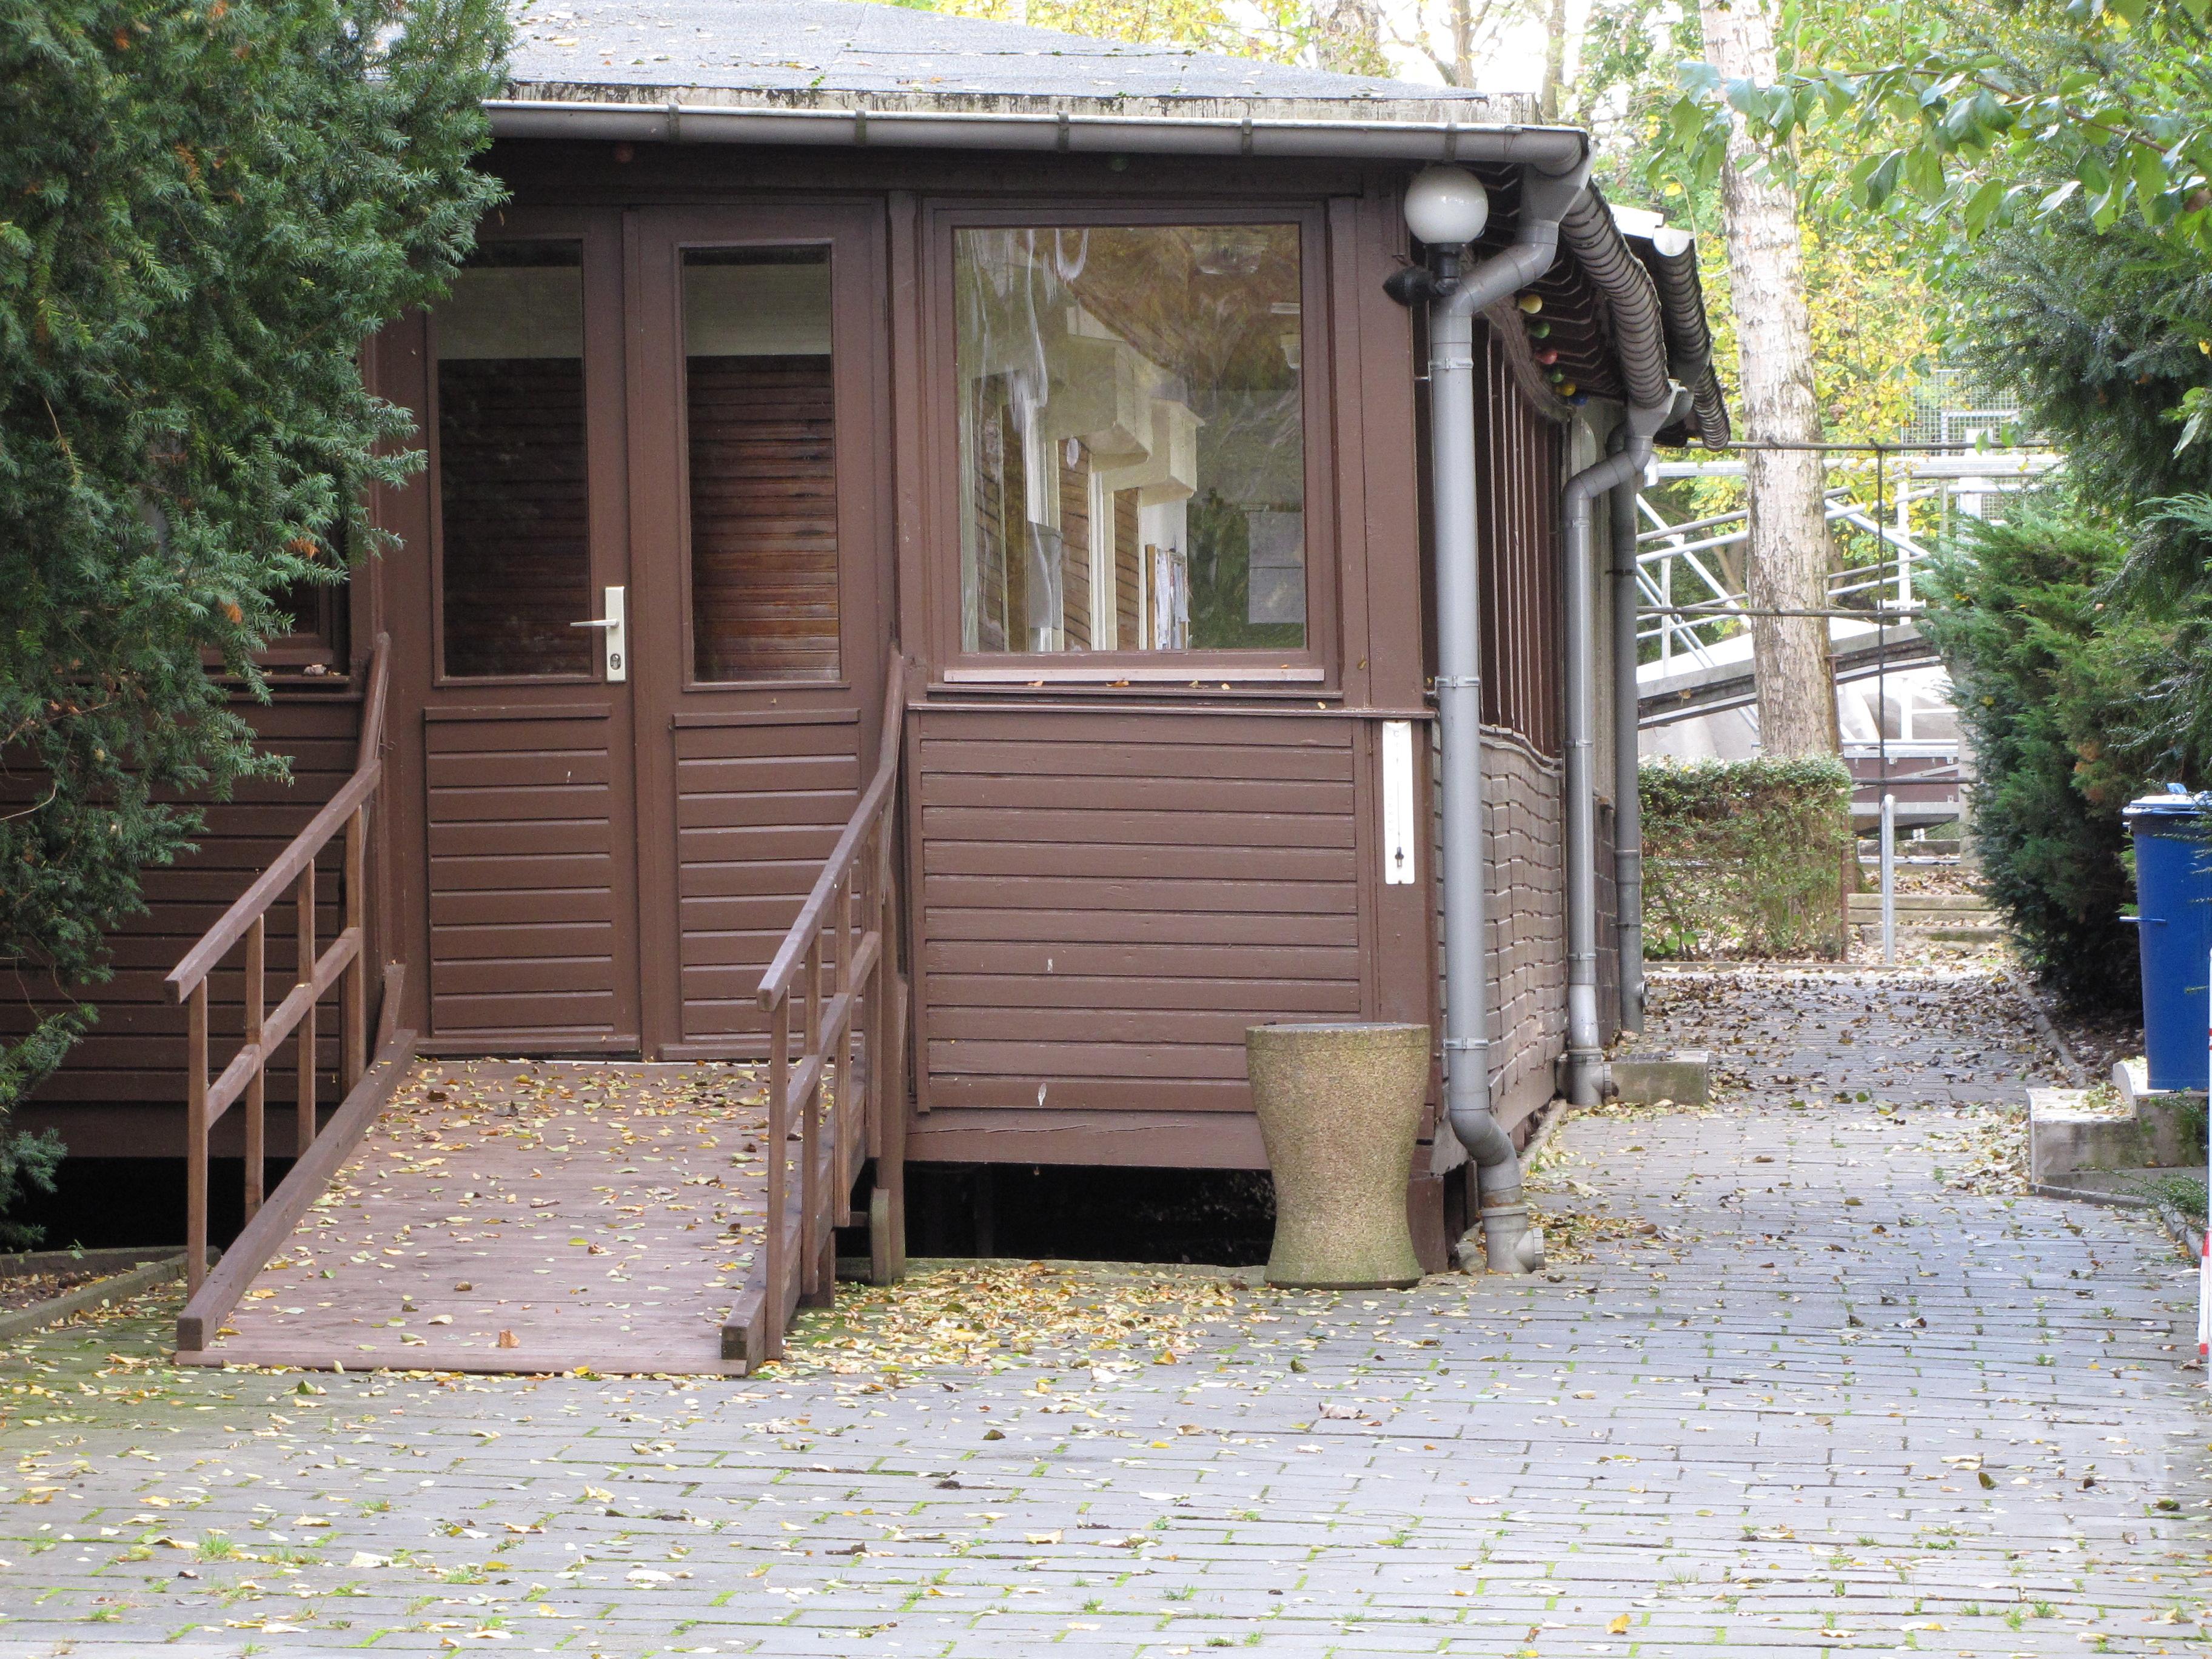 Rollstuhlrampe in altes Clubhaus, zu den Umkleideräumen